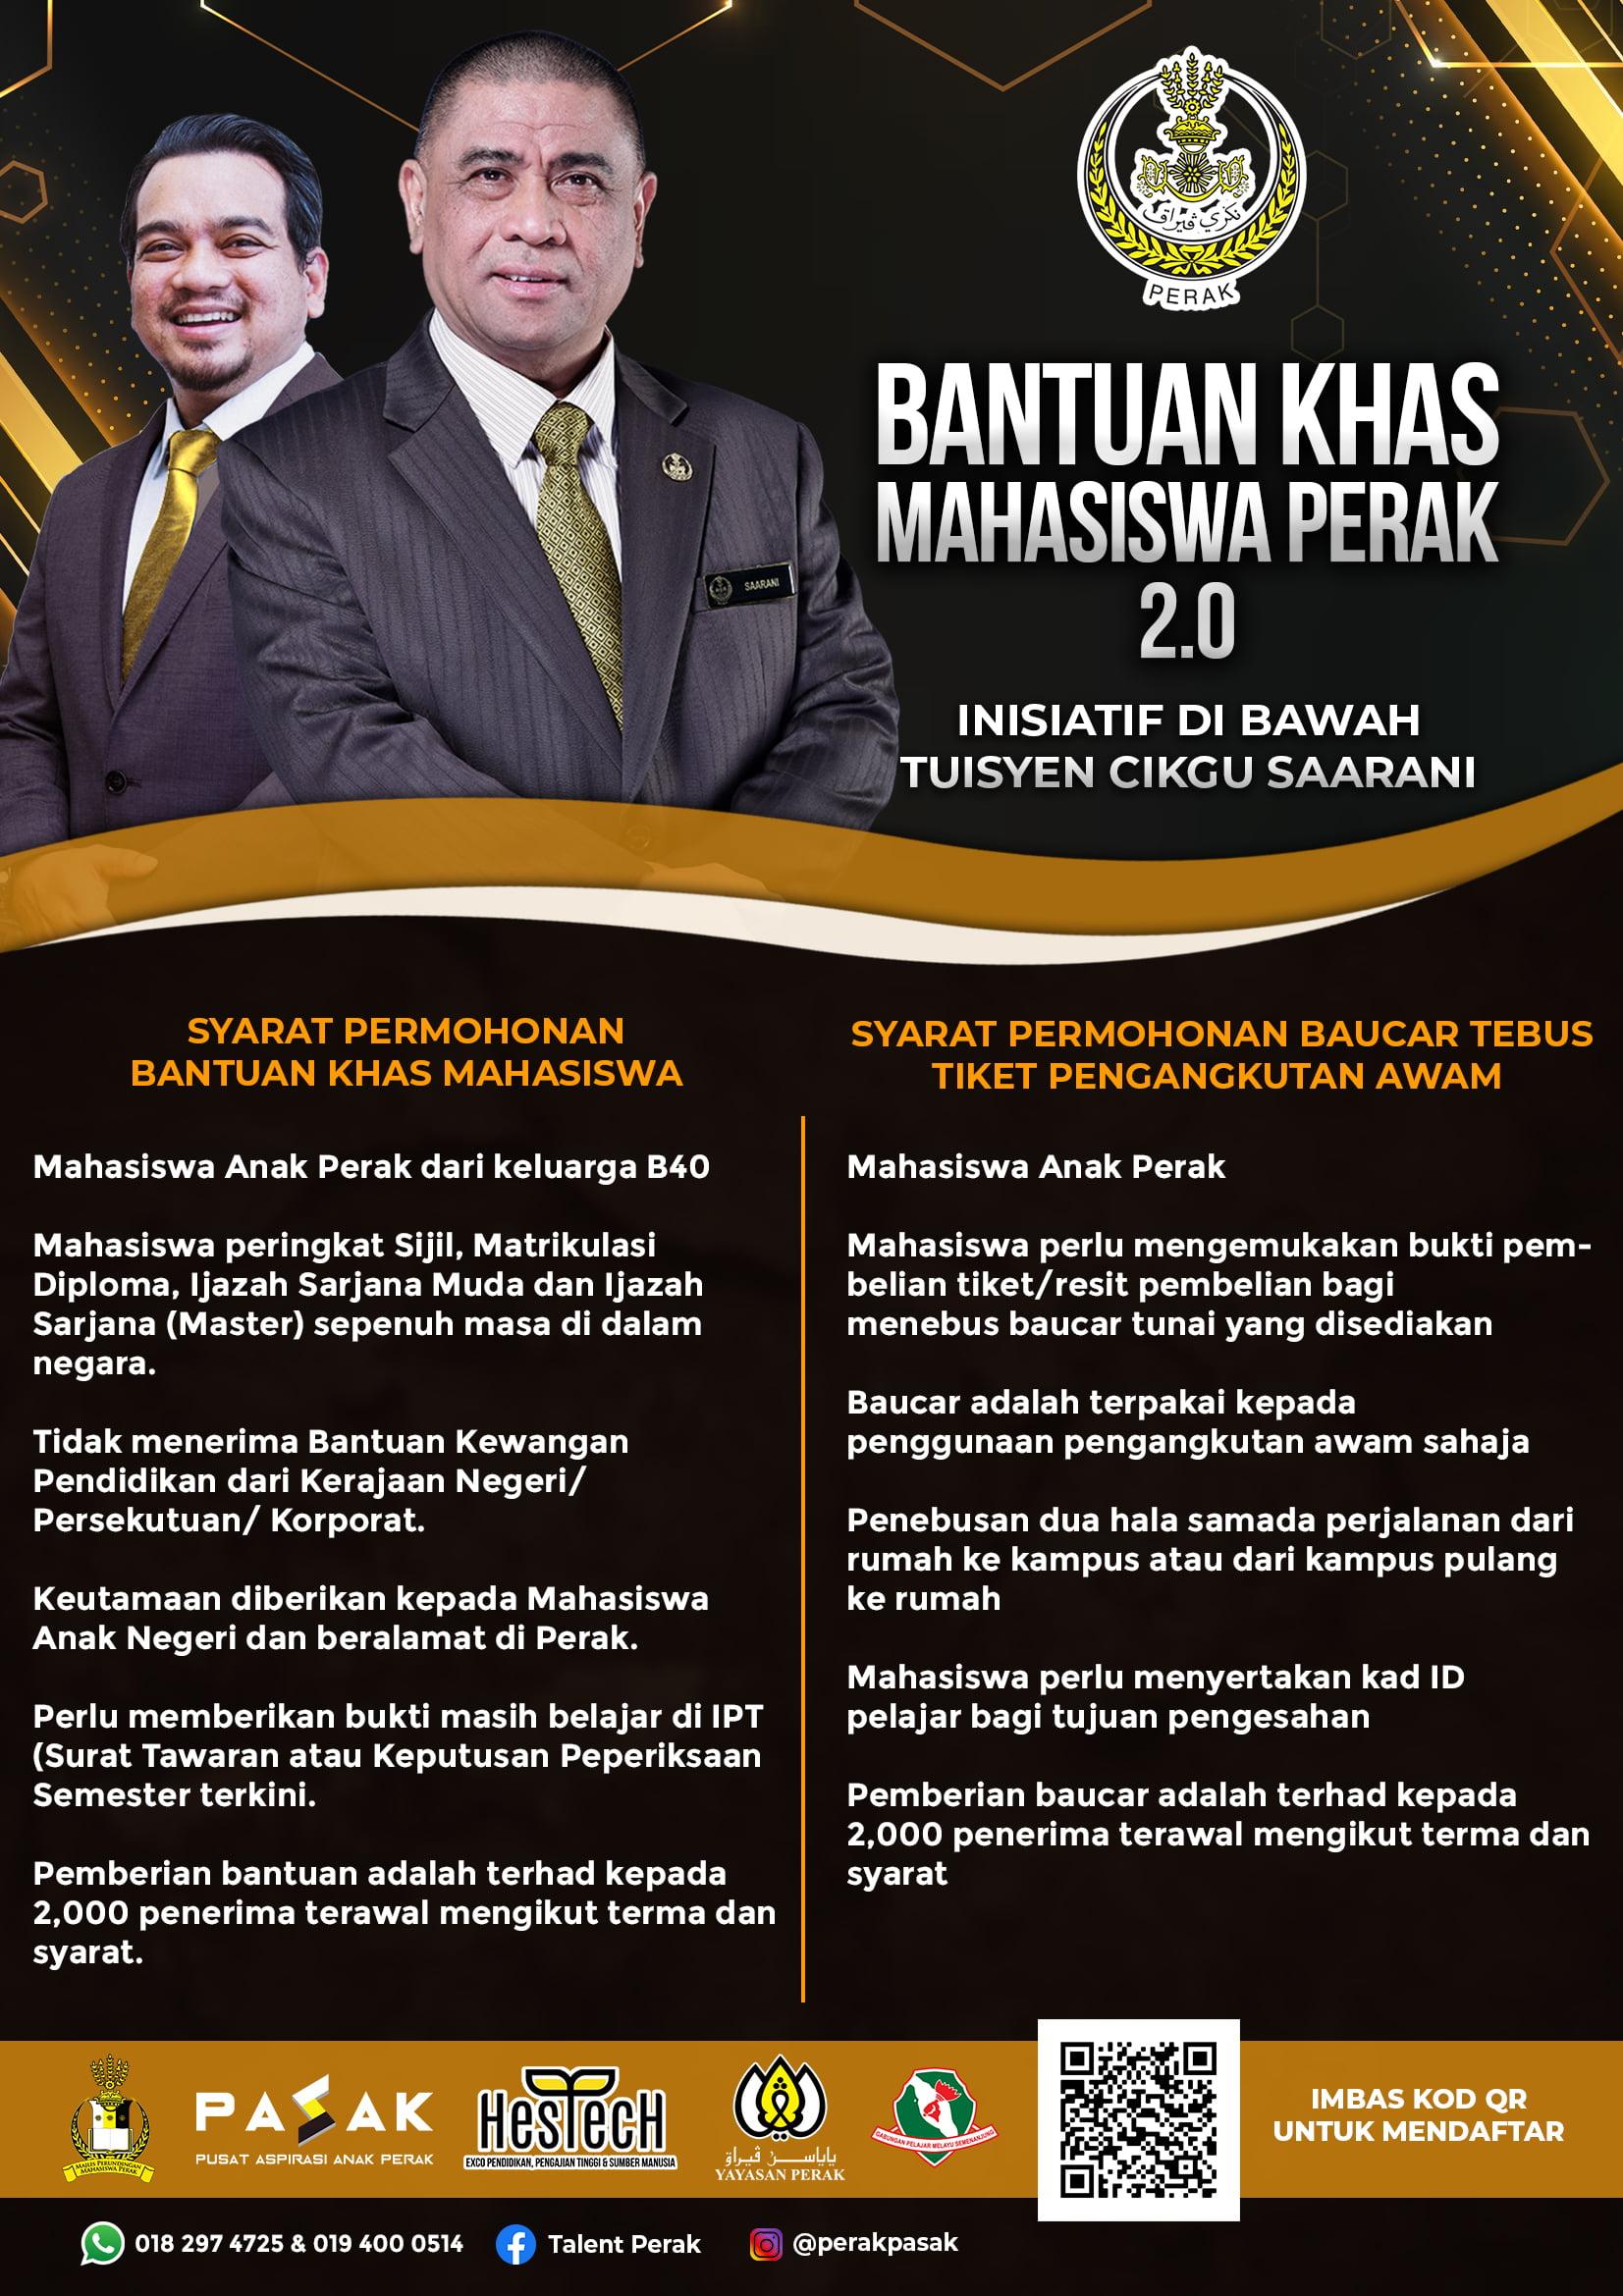 Syarat Permohonan Bantuan Khas Mahasiswa Perak 2.0